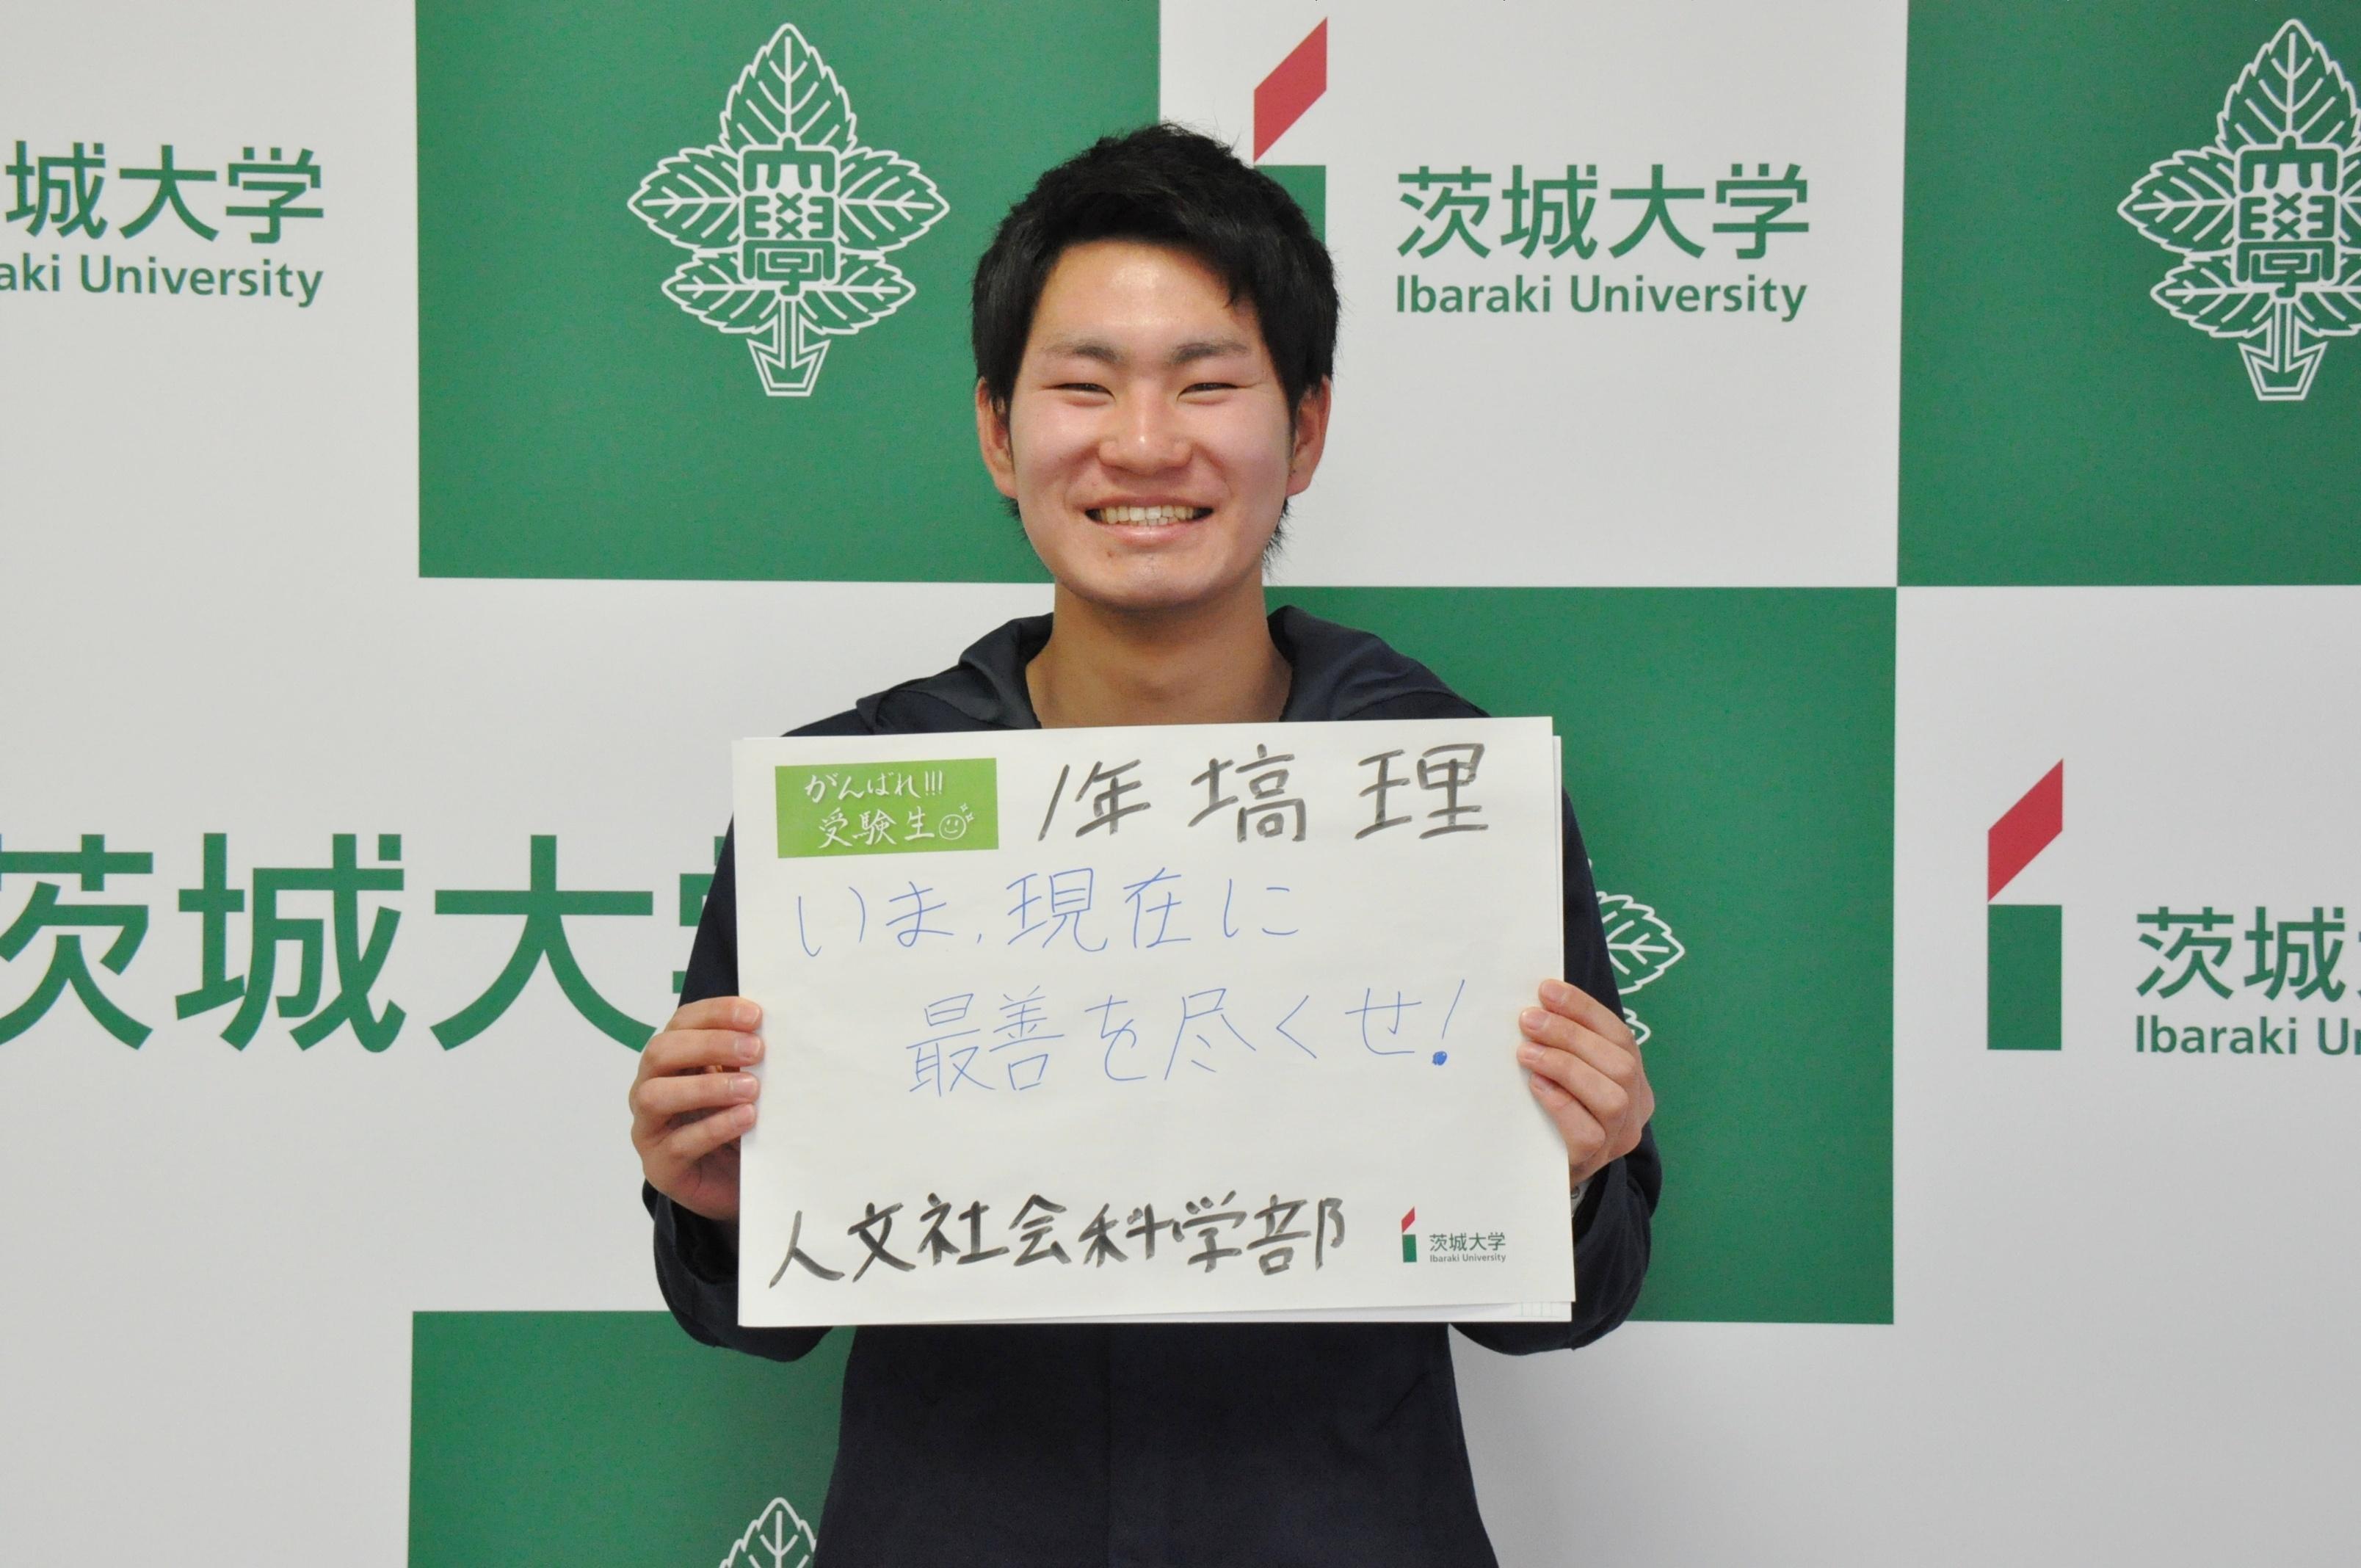 http://www.ibaraki.ac.jp/commit/2018/01/16/img/DSC_0005ibdaikh20180116_005.JPG